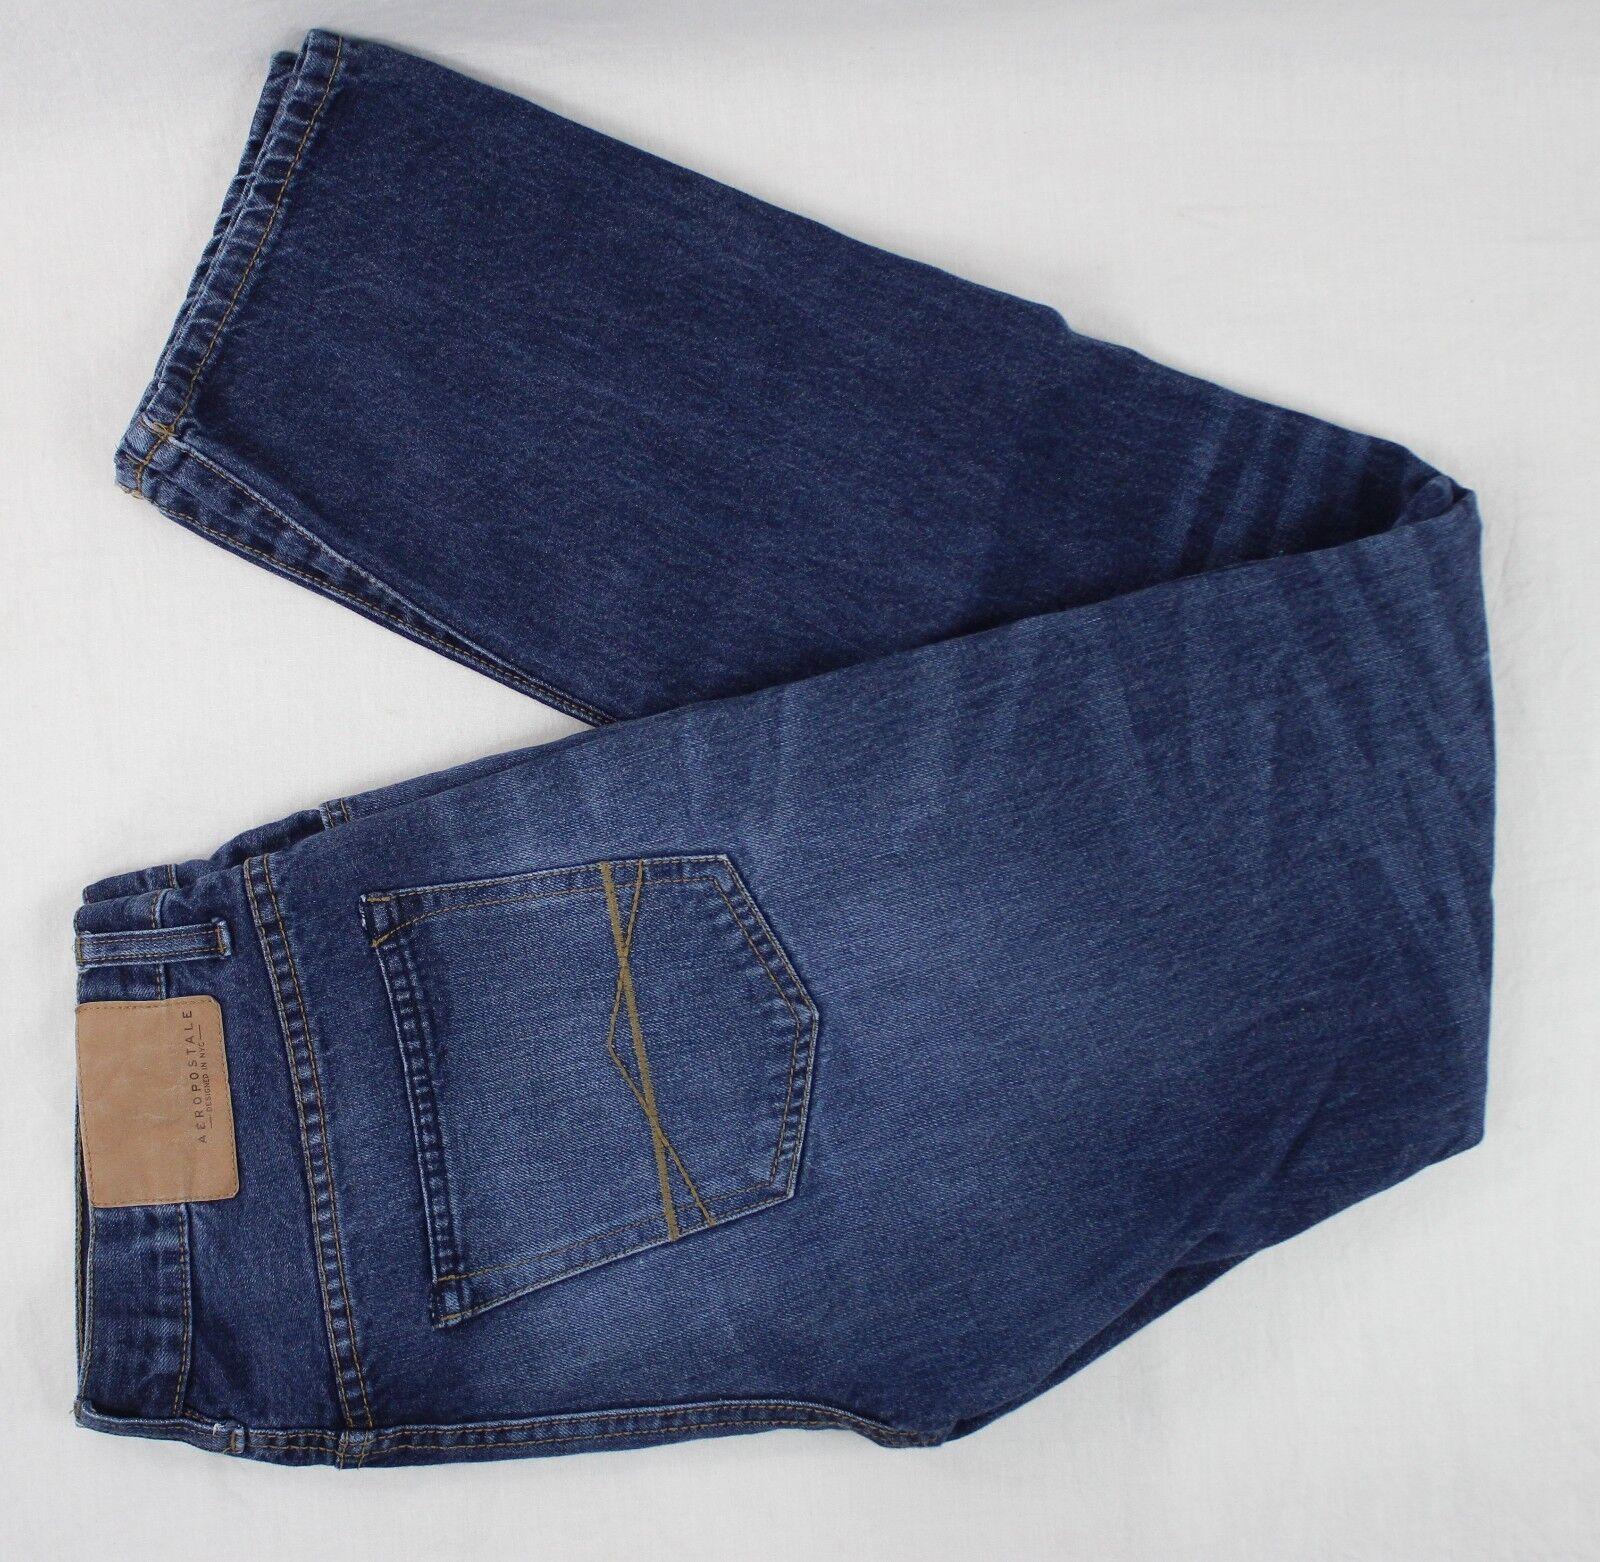 Aéropostale Men's Jeans Slim Straight 100% Cotton 32X34 (Our measure W34xL32)